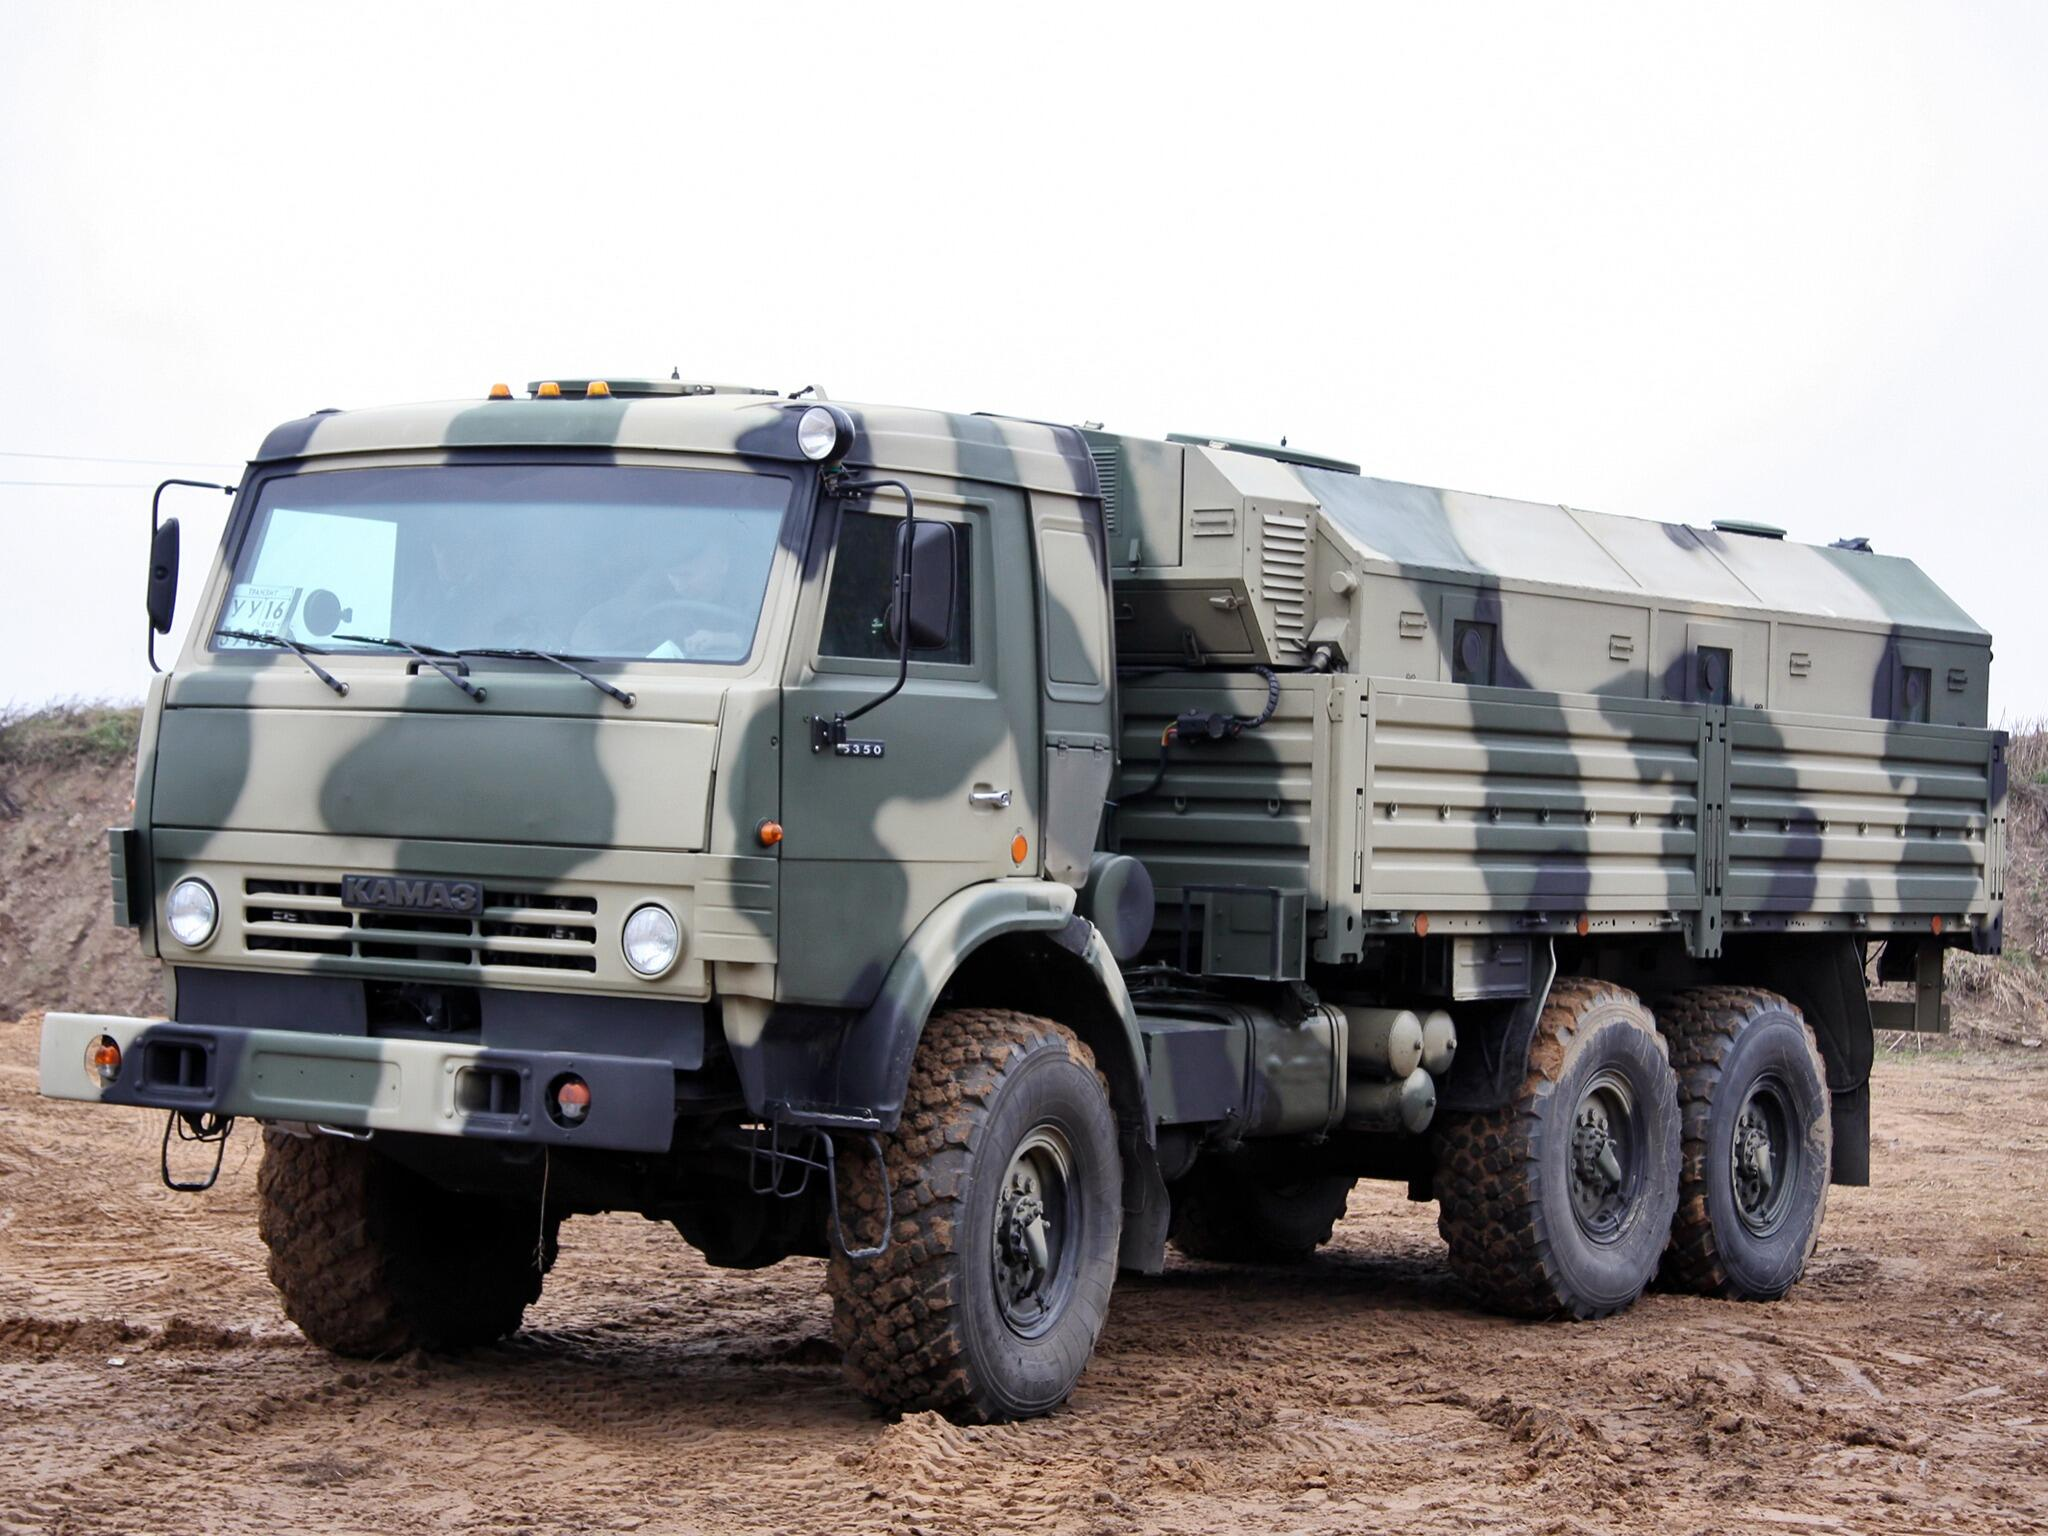 Военная машина камаз фото